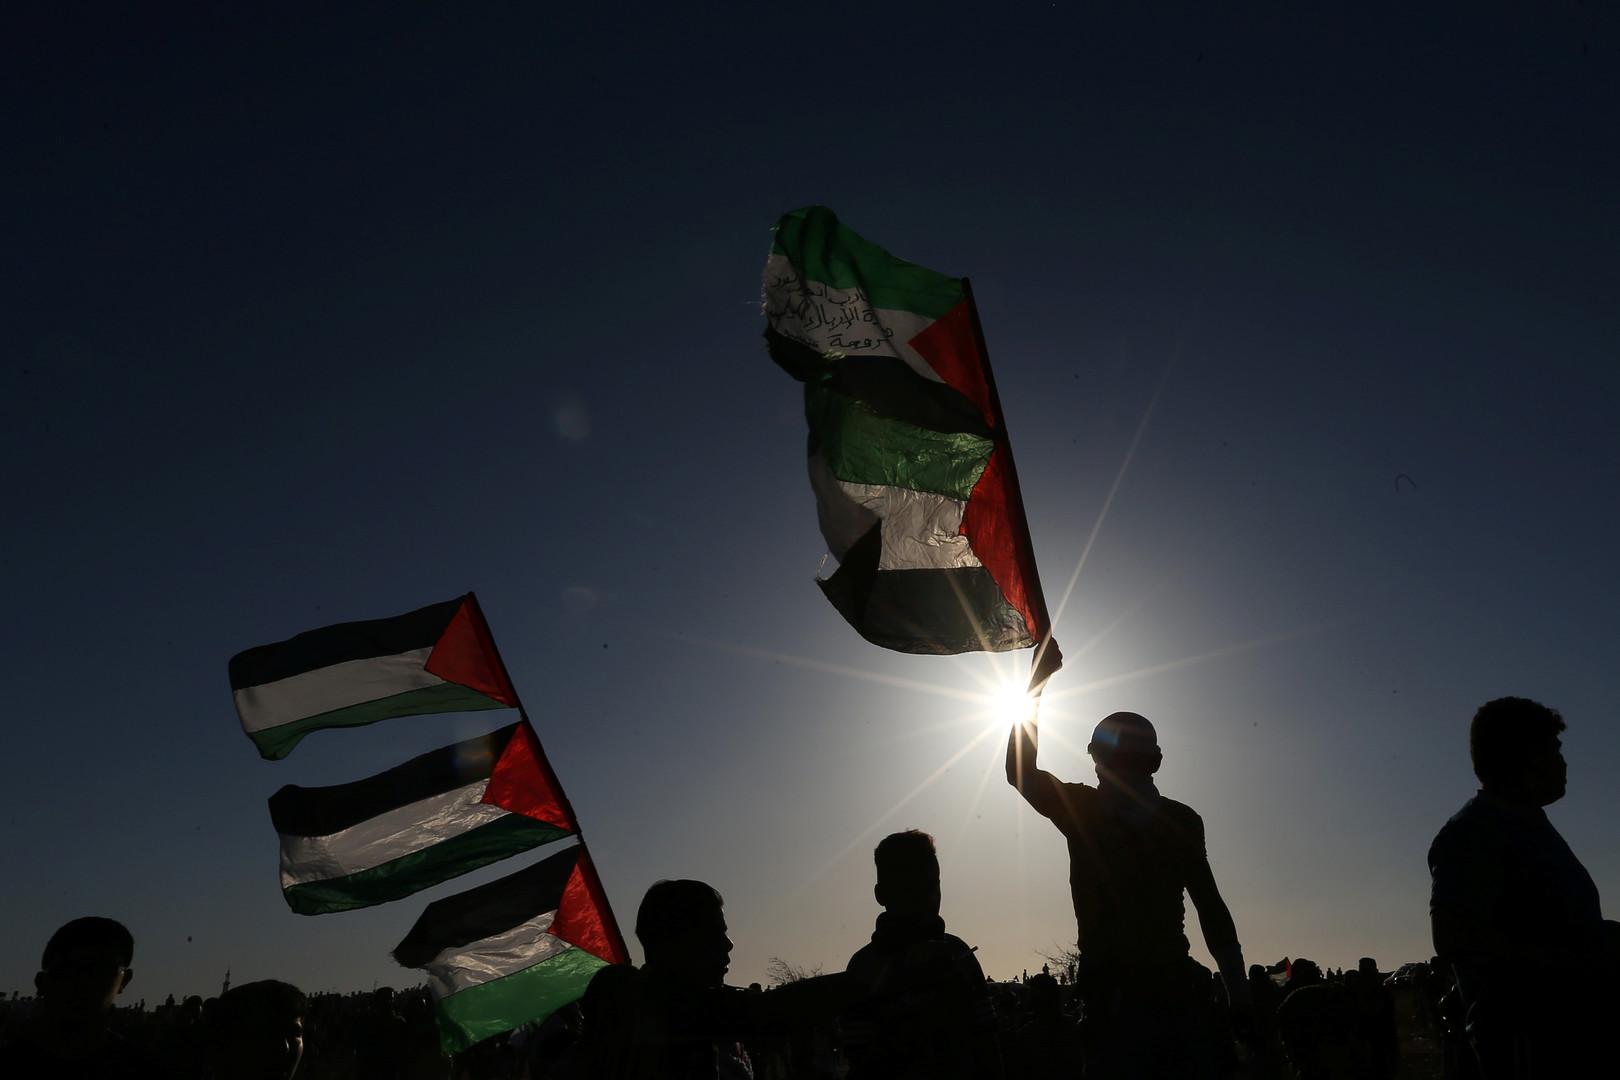 مقتل شاب فلسطيني برصاص القوات الإسرائيلية في غزة